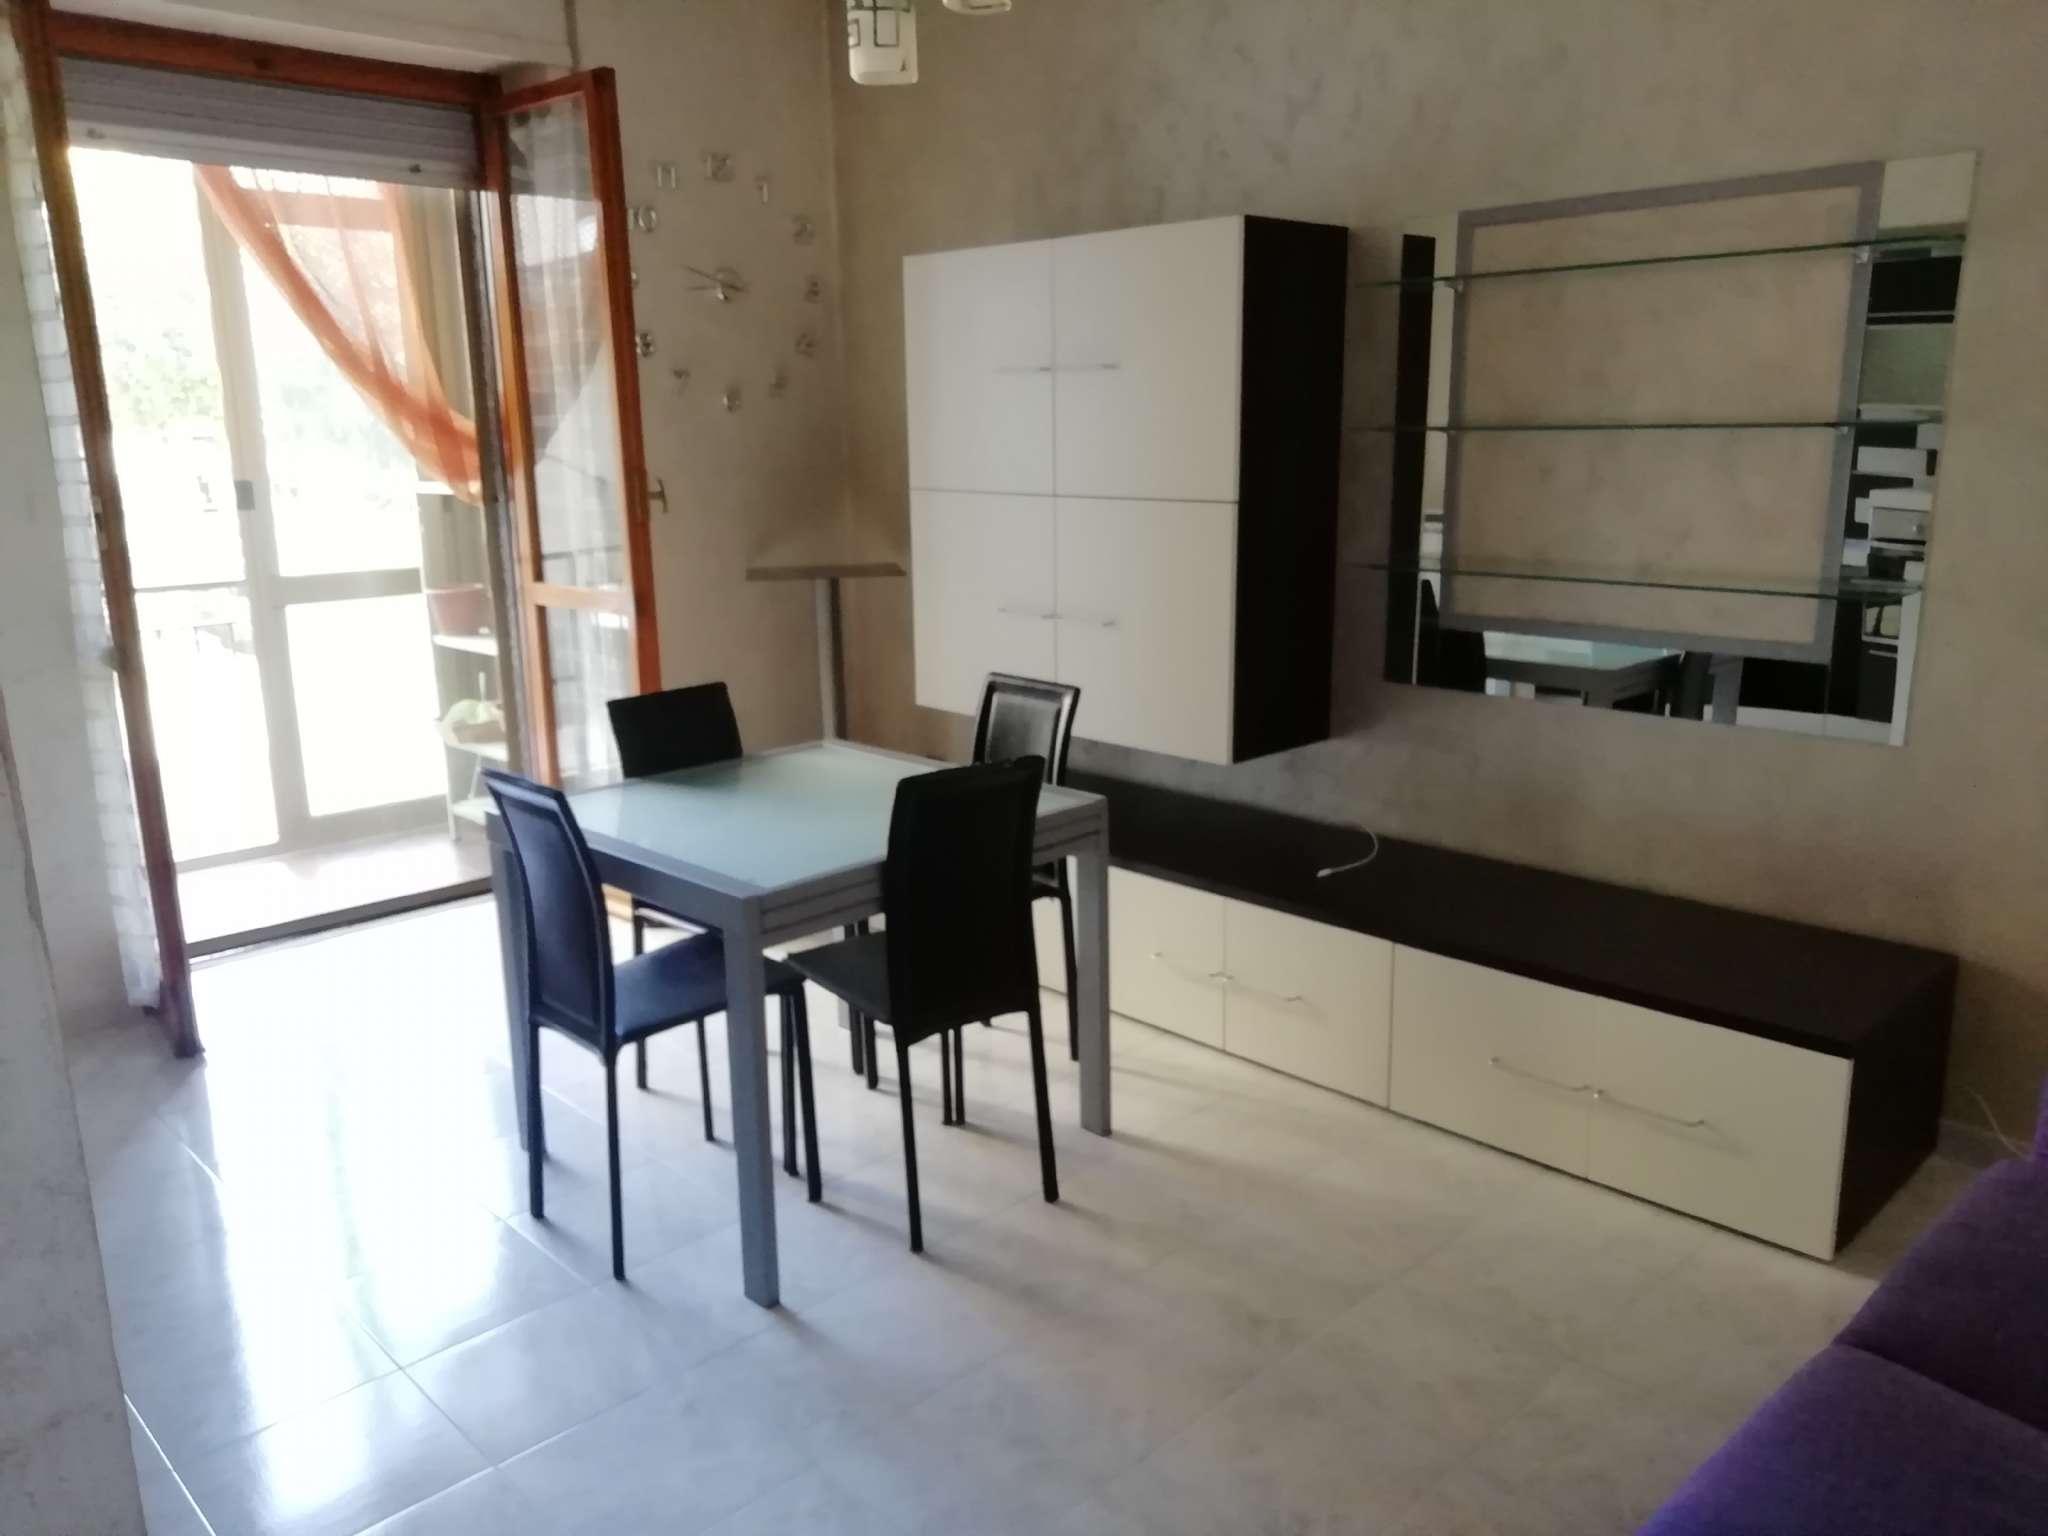 Appartamento in vendita a Chivasso, 3 locali, prezzo € 85.000   CambioCasa.it